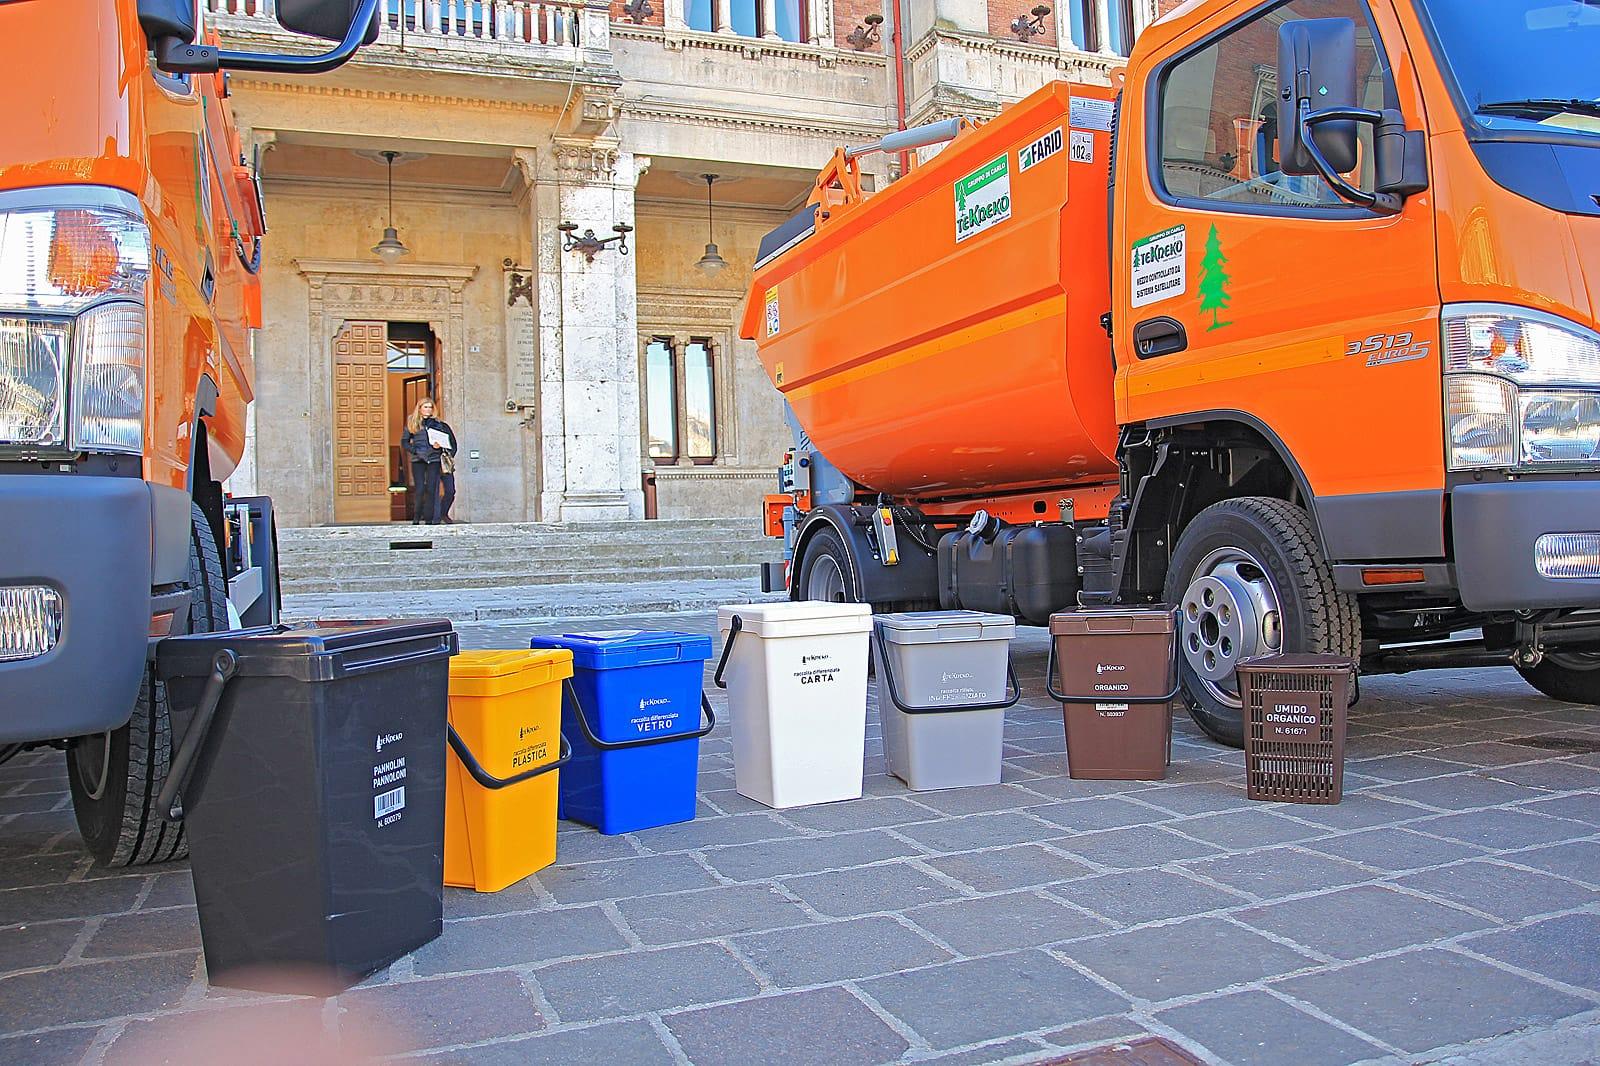 Raccolta porta a porta a Cerveteri, fino al 28 febbraio resta in vigore il calendario attuale